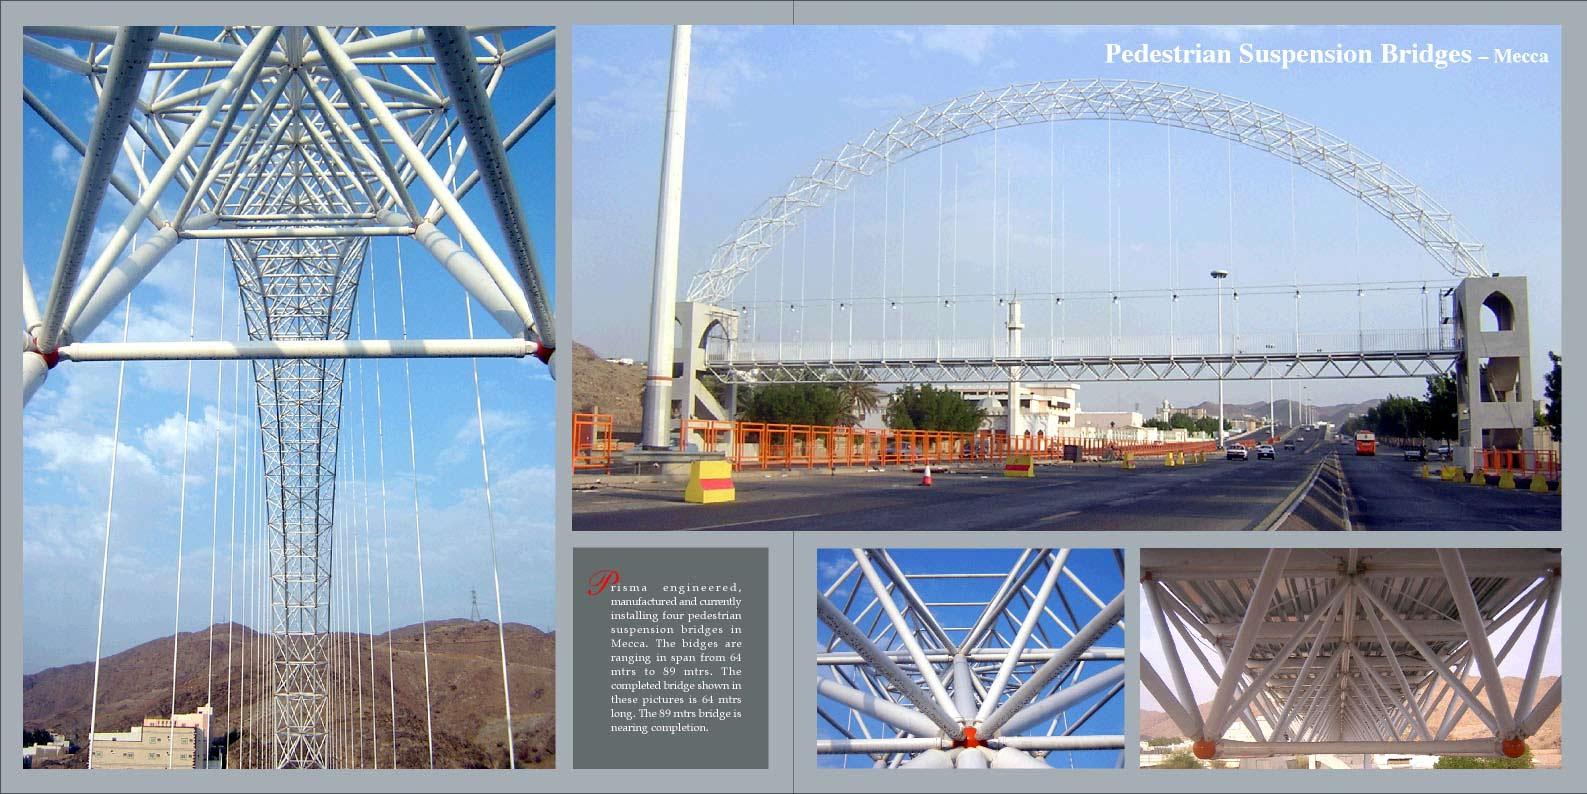 Pedestrian Suspension Bridges Mecca